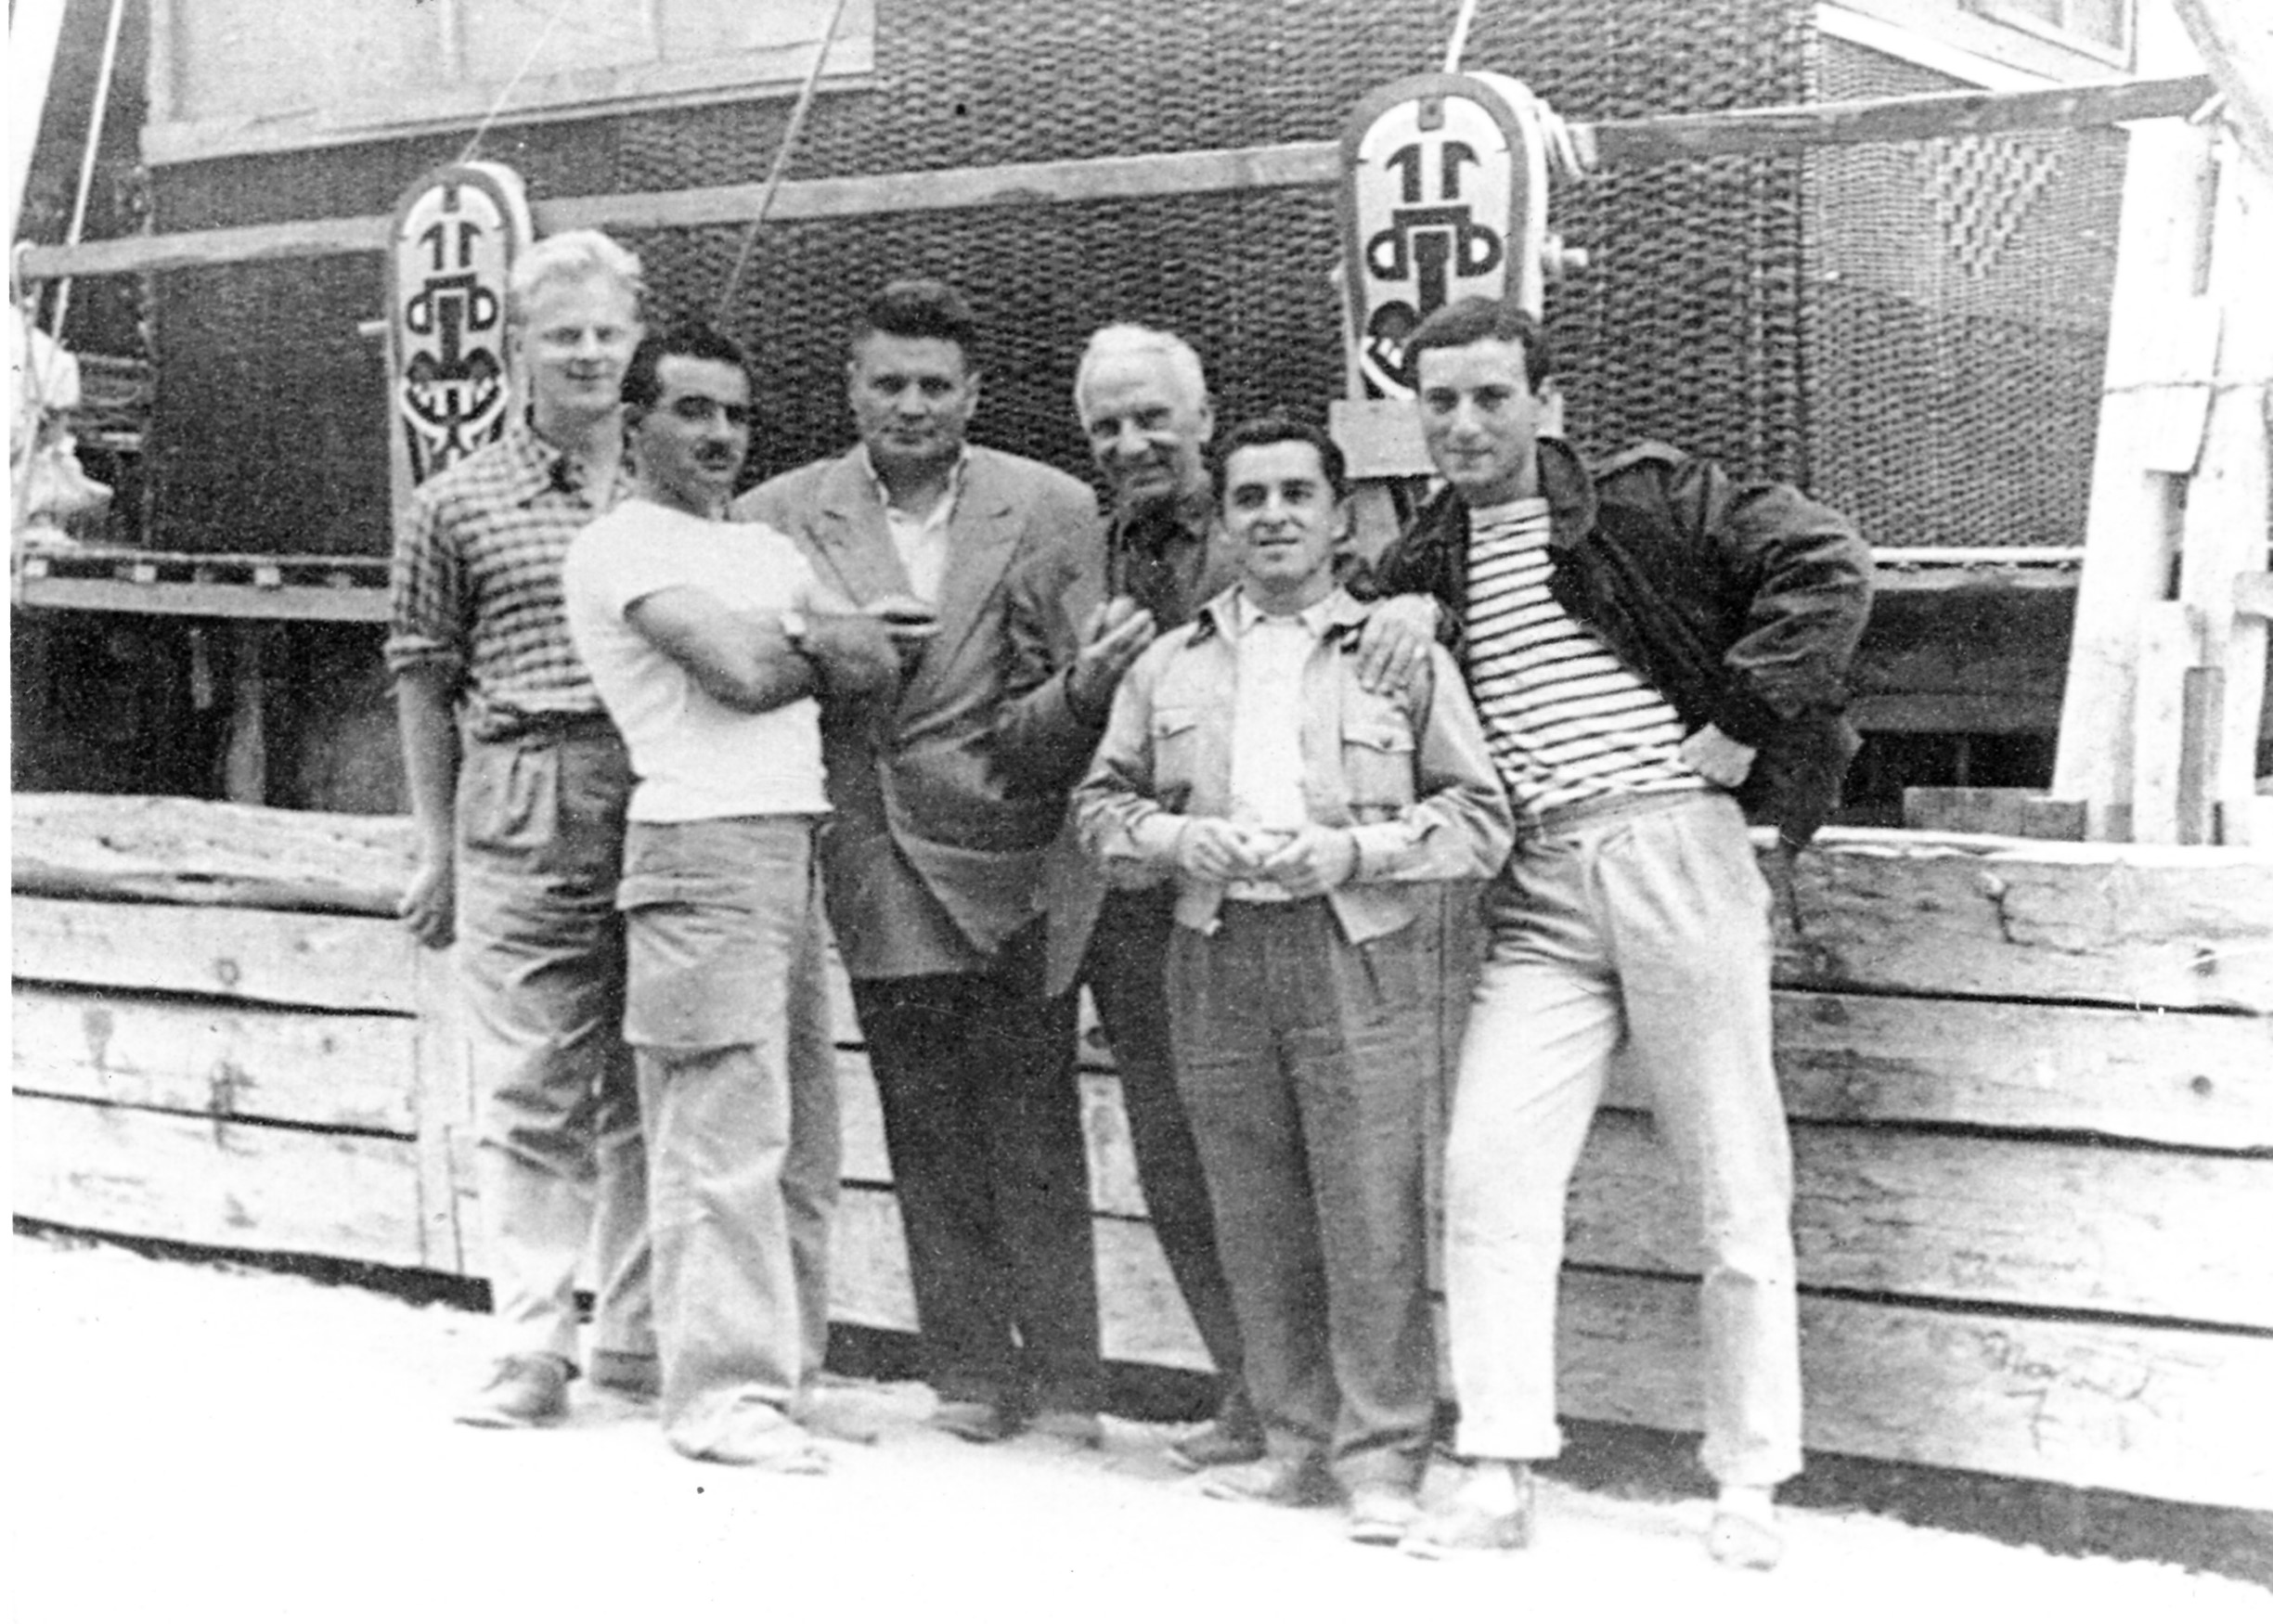 Photo de l'équipage au complet,  du Tahiti Nui 2, à Constitucion (Chile) et prise  la veille du grand départ, en février 1958. De gauche à droite : Hans Fisher, Alain Brun, Horation Blanco, un ami chilien, Éric de Bisschop, Juanito Bugueño et Jean Pellissier.